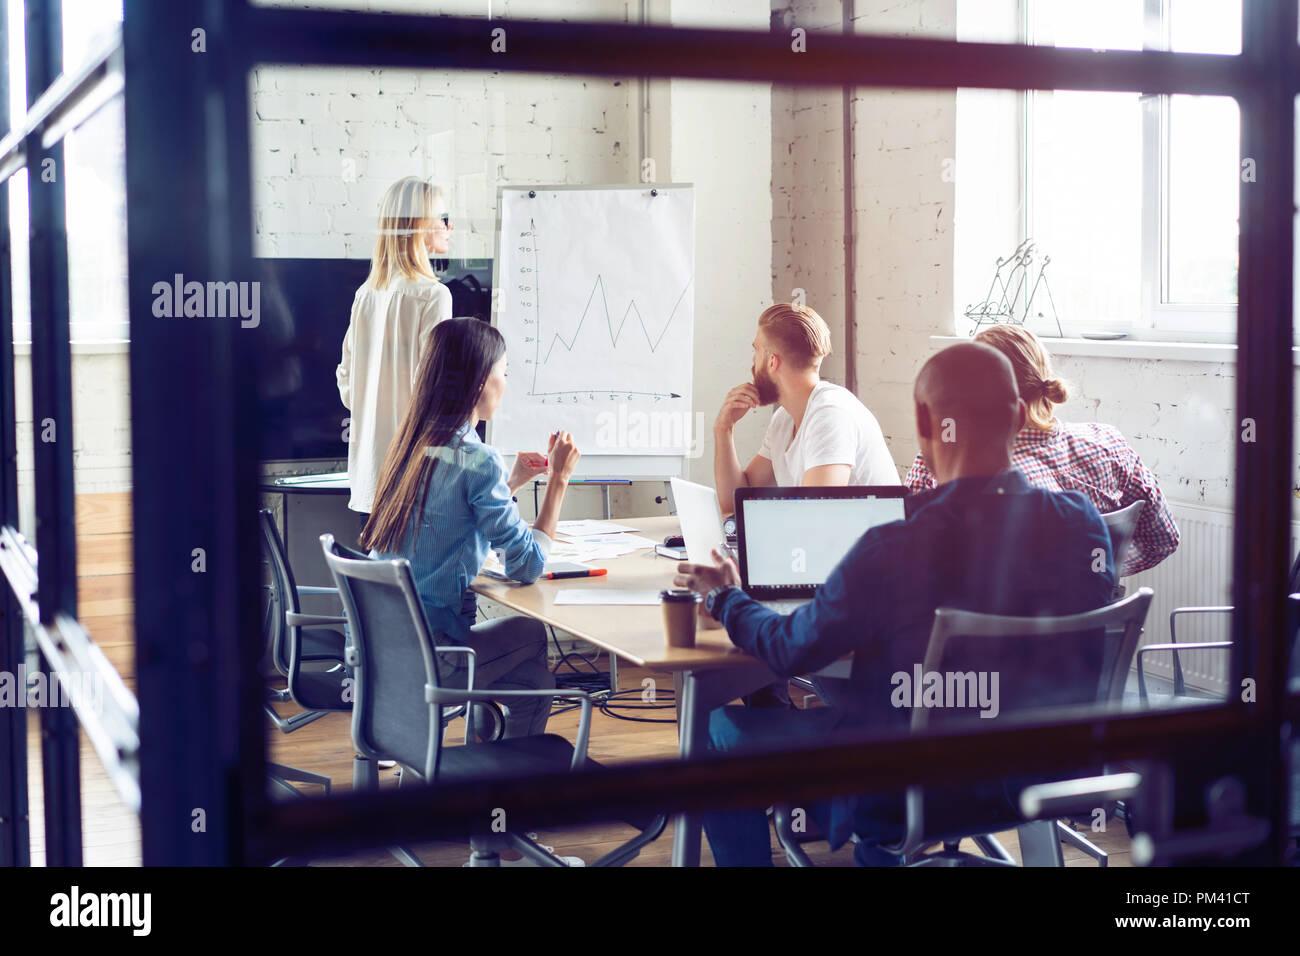 Travailler dur pour gagner. Businesswoman effectuant une présentation d'affaires à l'aide d'un chevalet tout en travaillant dans le bureau de création. Photo Stock